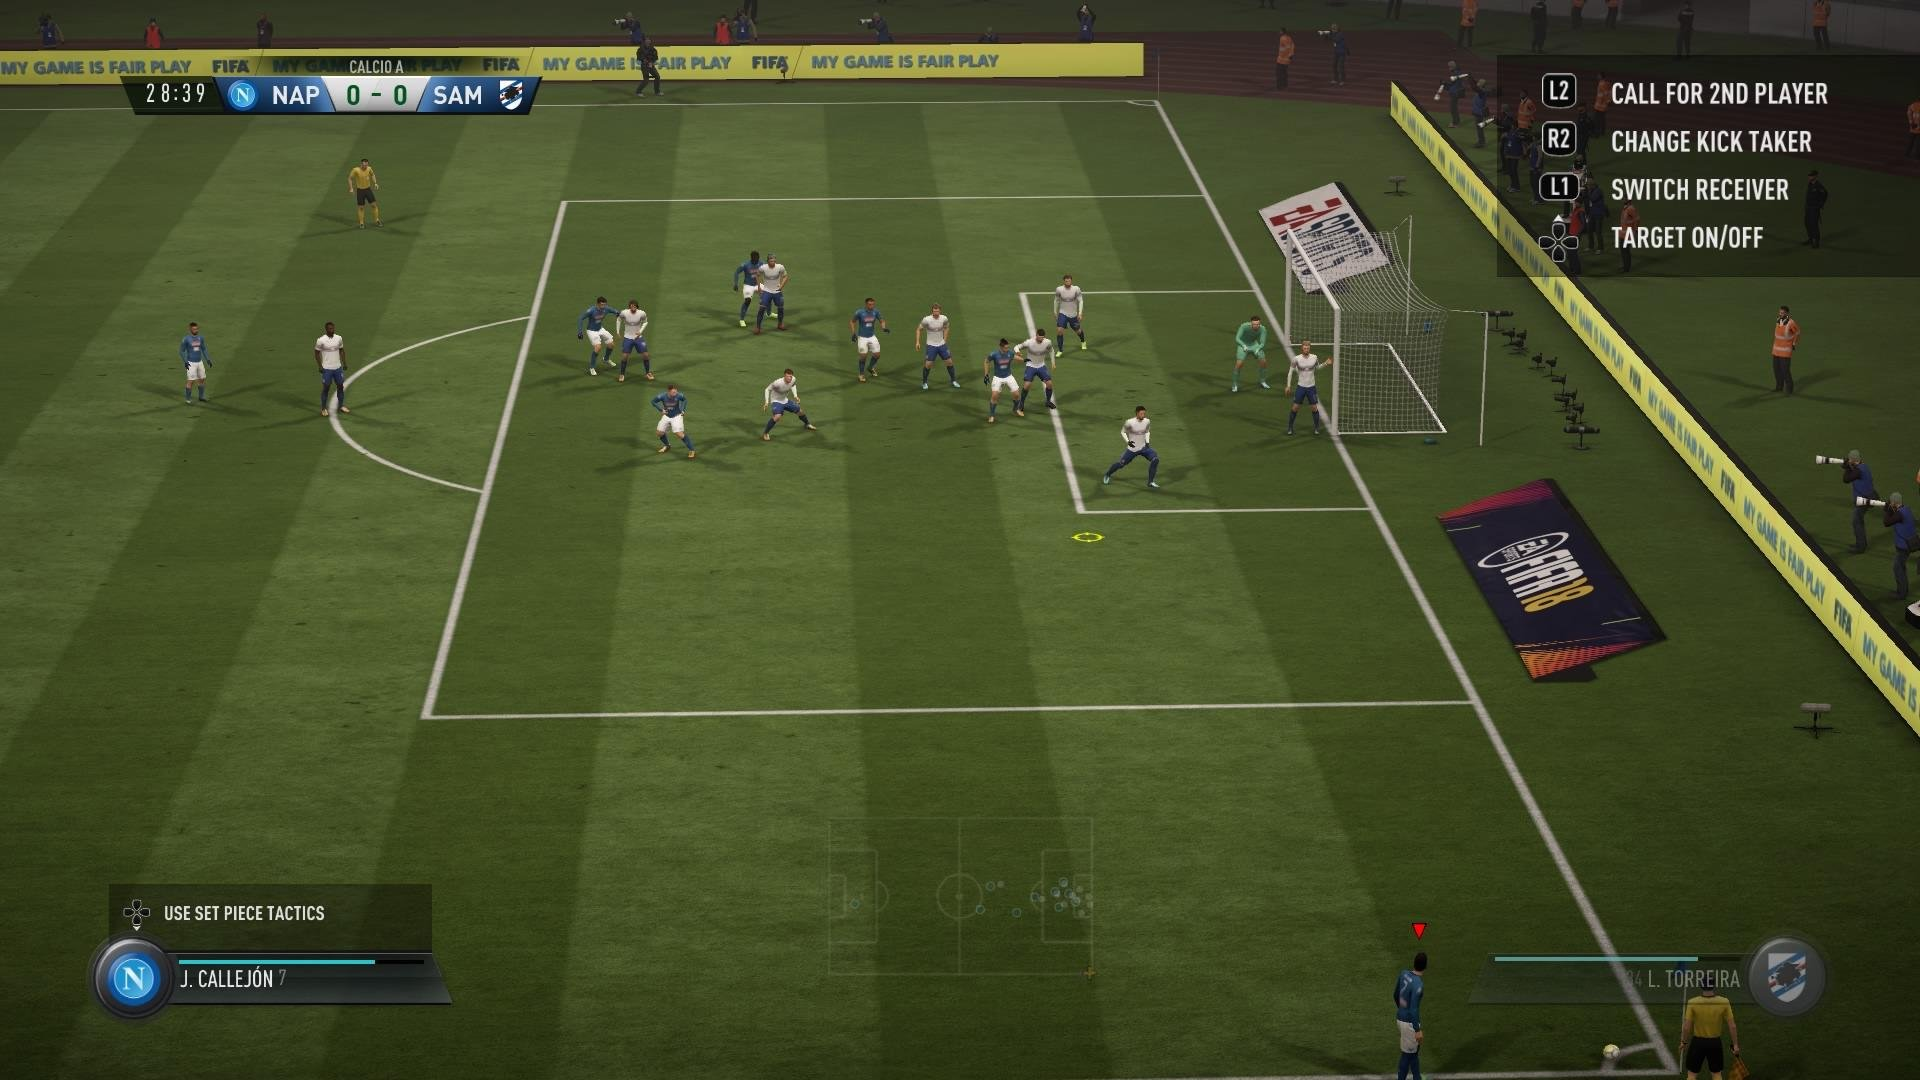 1a88f30dc Cómo marcar gol de córner en FIFA 19  trucos y consejos - Guías y ...